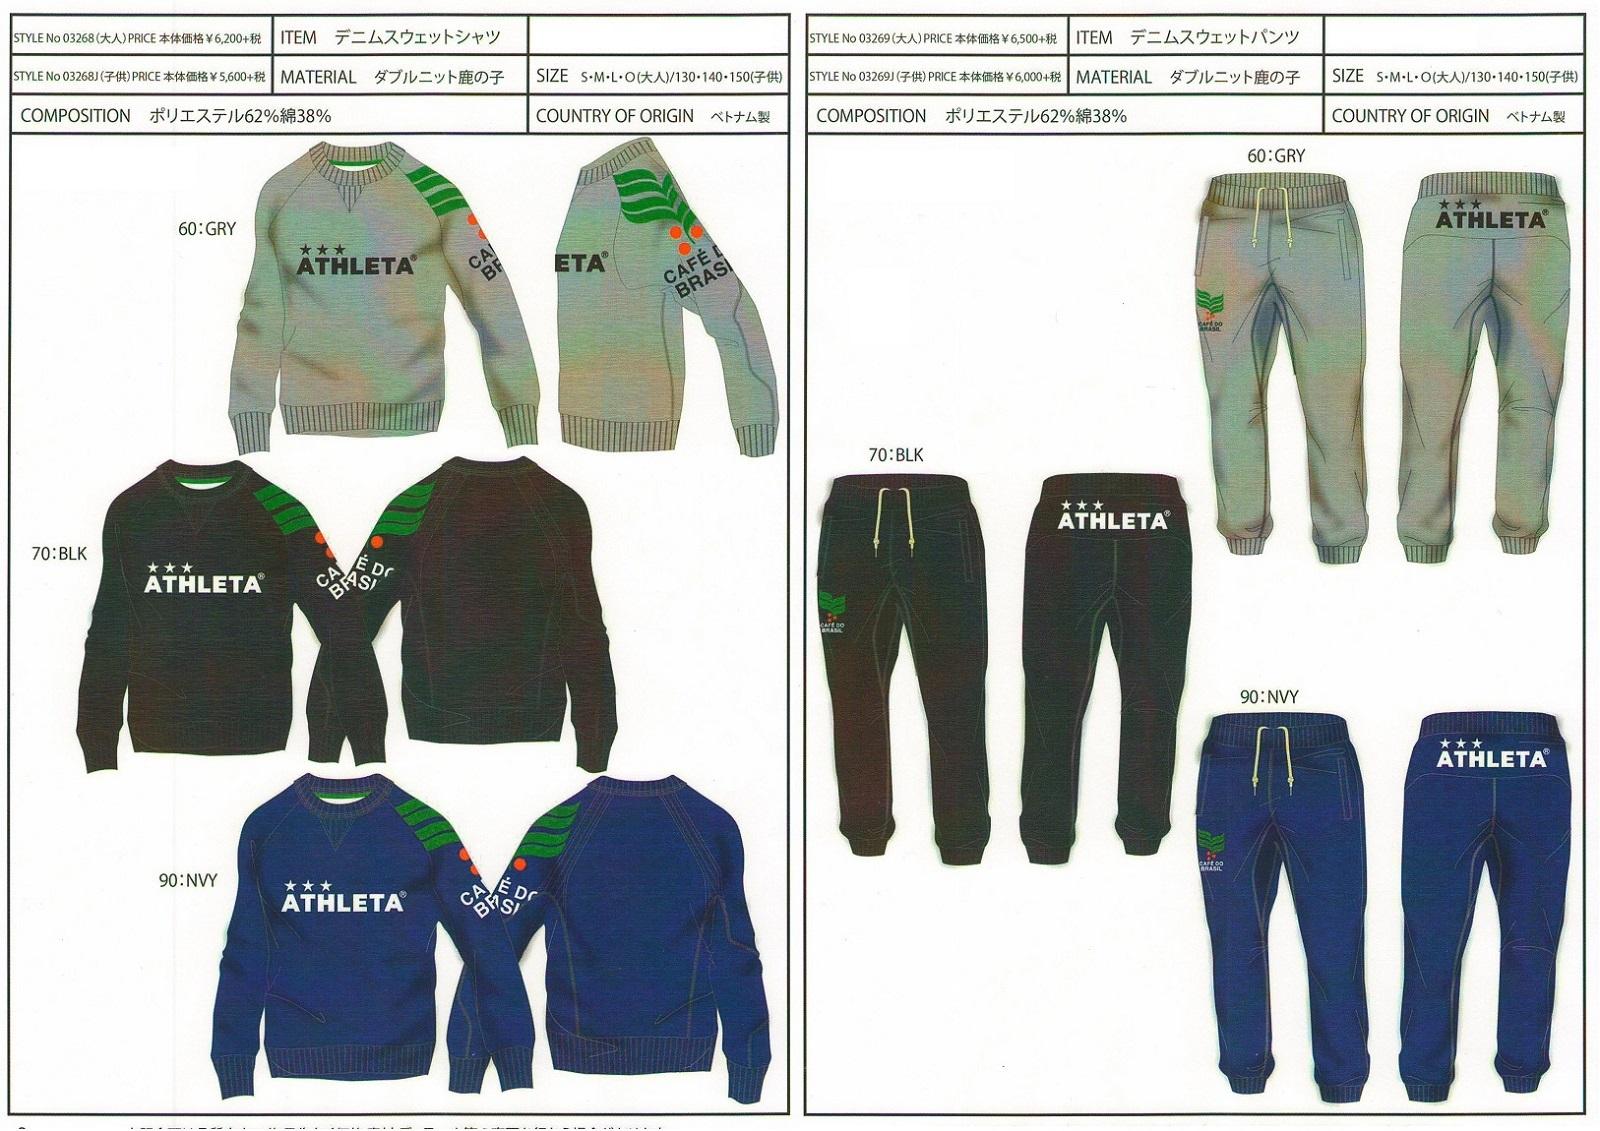 アスレタ STYLE-03268-03269 デニム スウェット シャツ・パンツ 上下セット